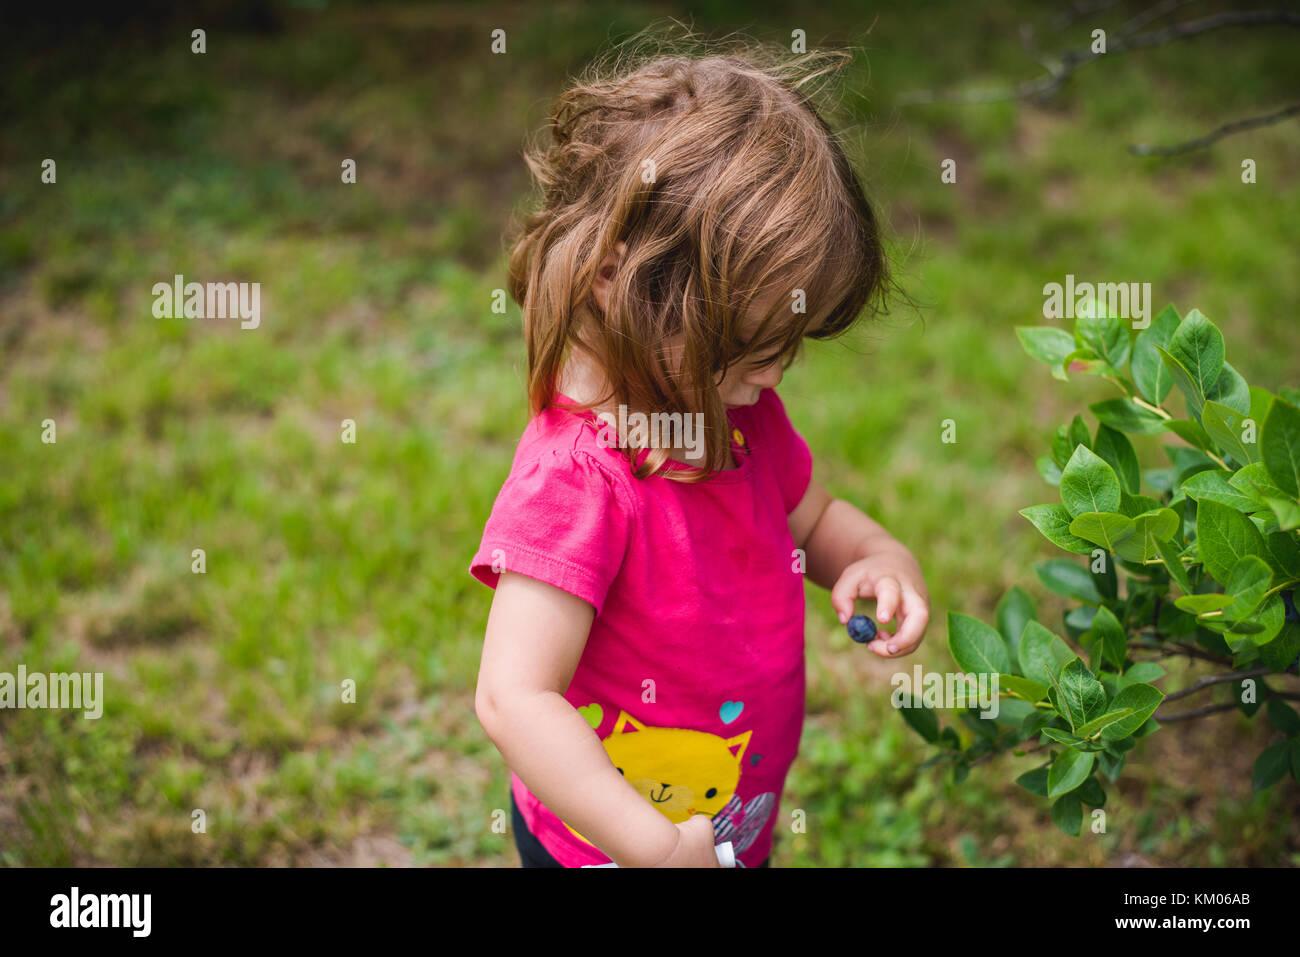 Une jeune fille est titulaire d'une myrtille à côté d'une myrtille bush Photo Stock